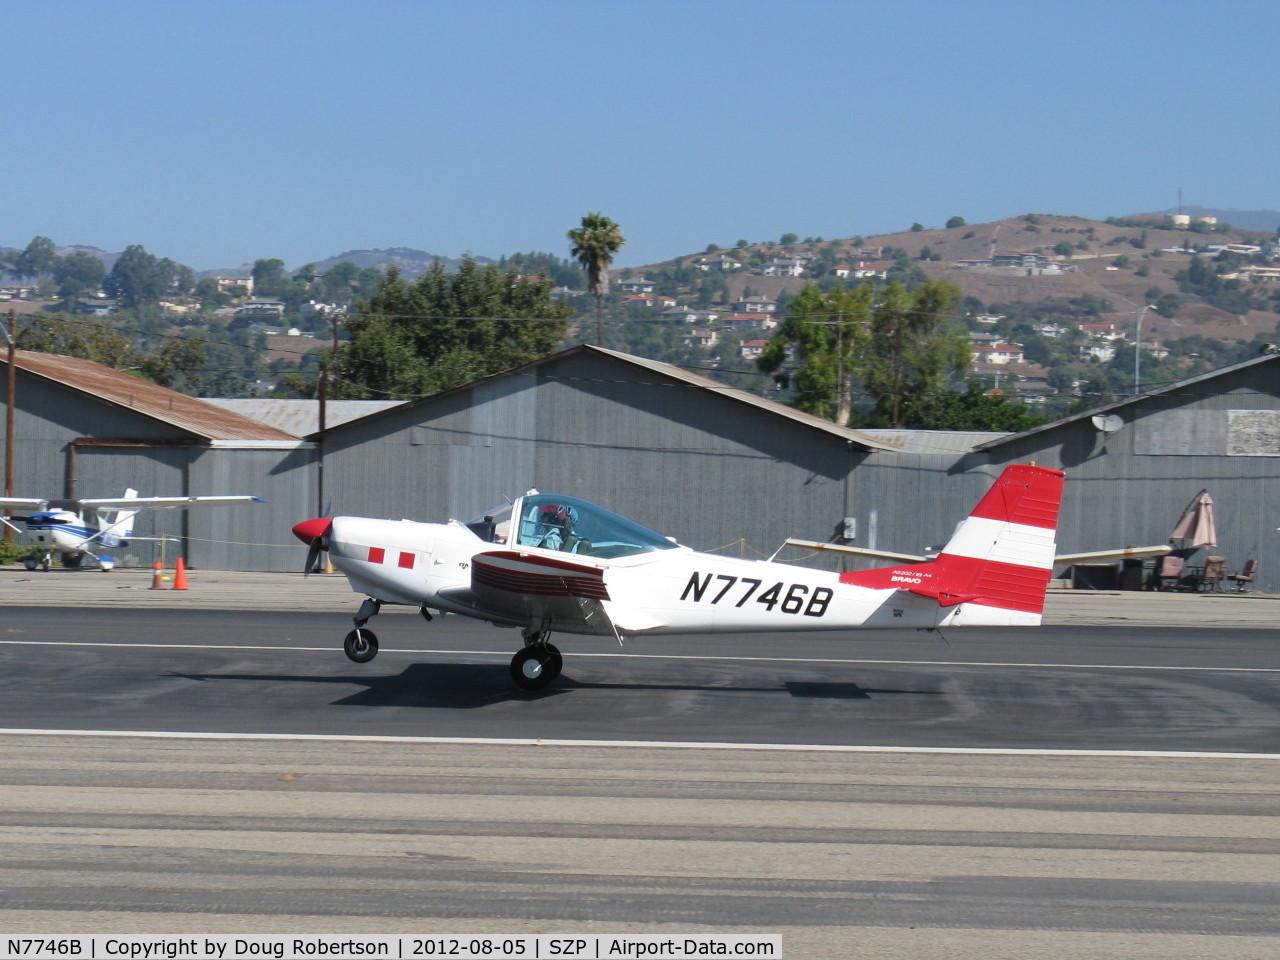 N7746B, 1992 FFA AS-202/18A-4 Bravo C/N 238, 1992 Ffa Fleugzeugwerke Altenrhein Ag AS202/18A4 BRAVO, Lycoming AEIO-360 Aerobatic, landing roll Rwy 22. ONLY ONE REGISTERED IN THE USA! return visitor. See more photos.